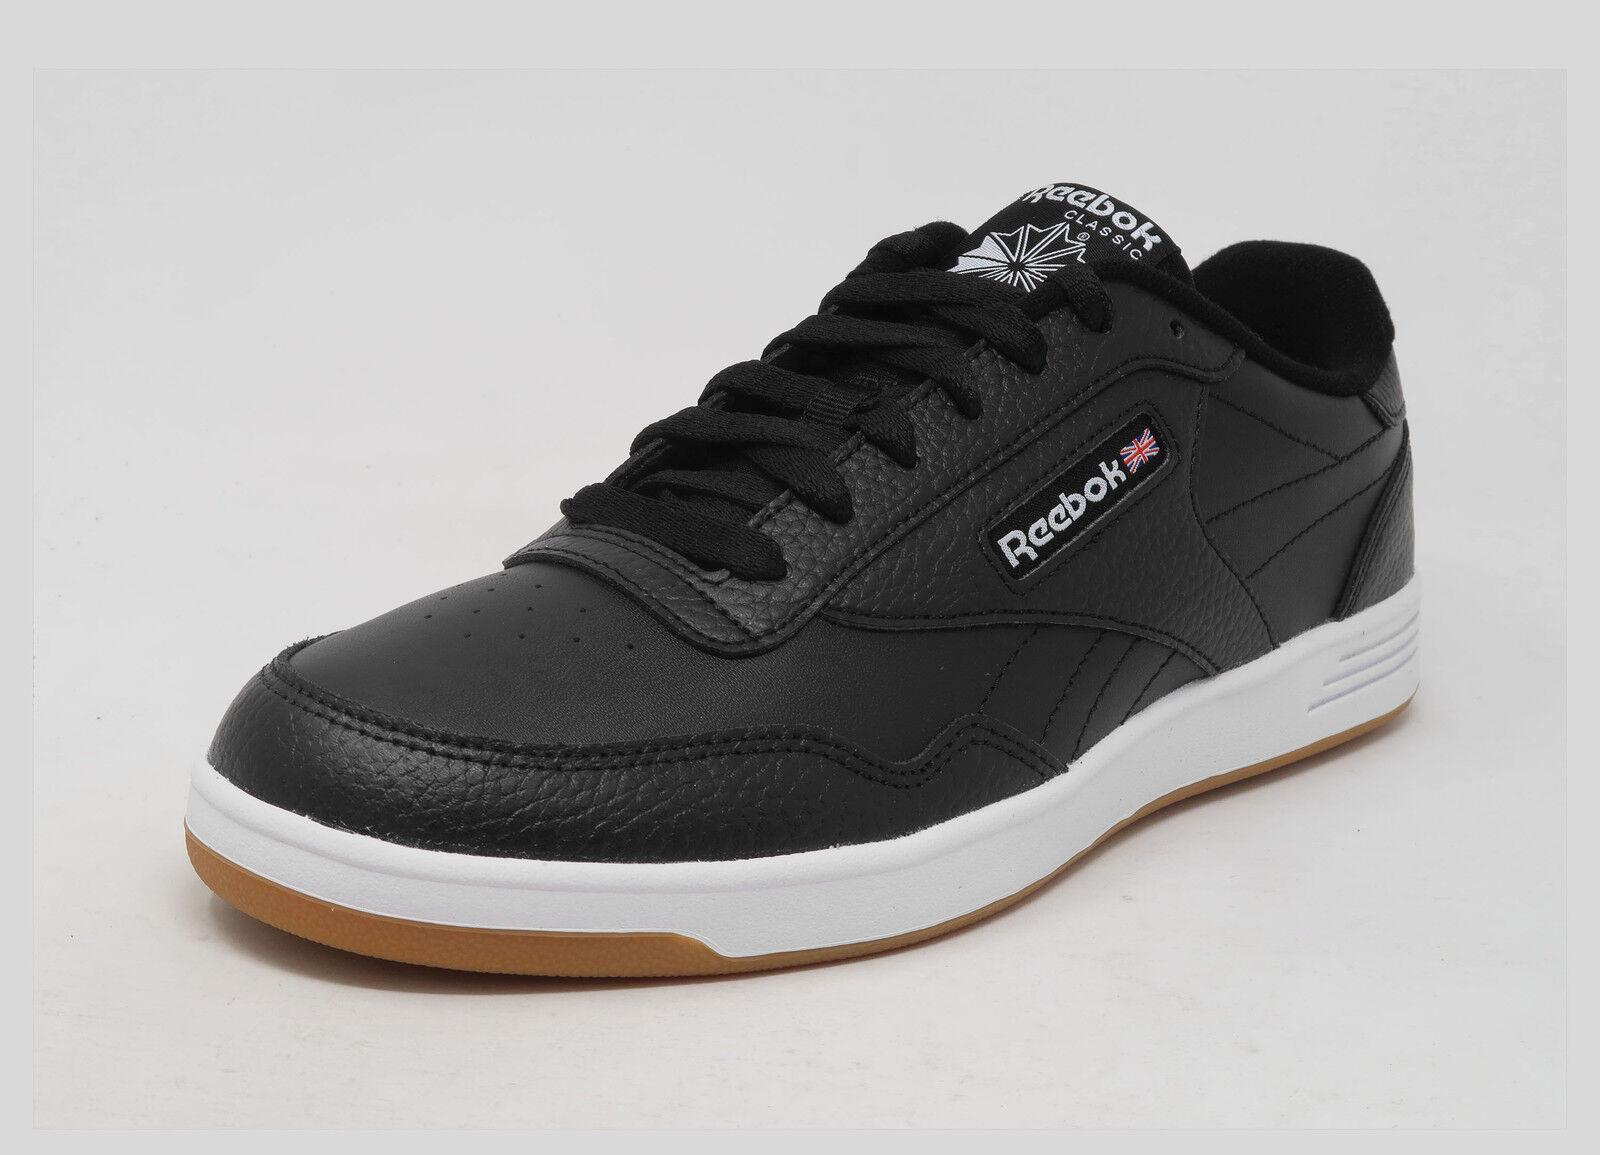 REEBOK Club Memt Memory Tech Goma blancoo Negro Cuero Con Cordones Zapatillas Hombres Zapatos